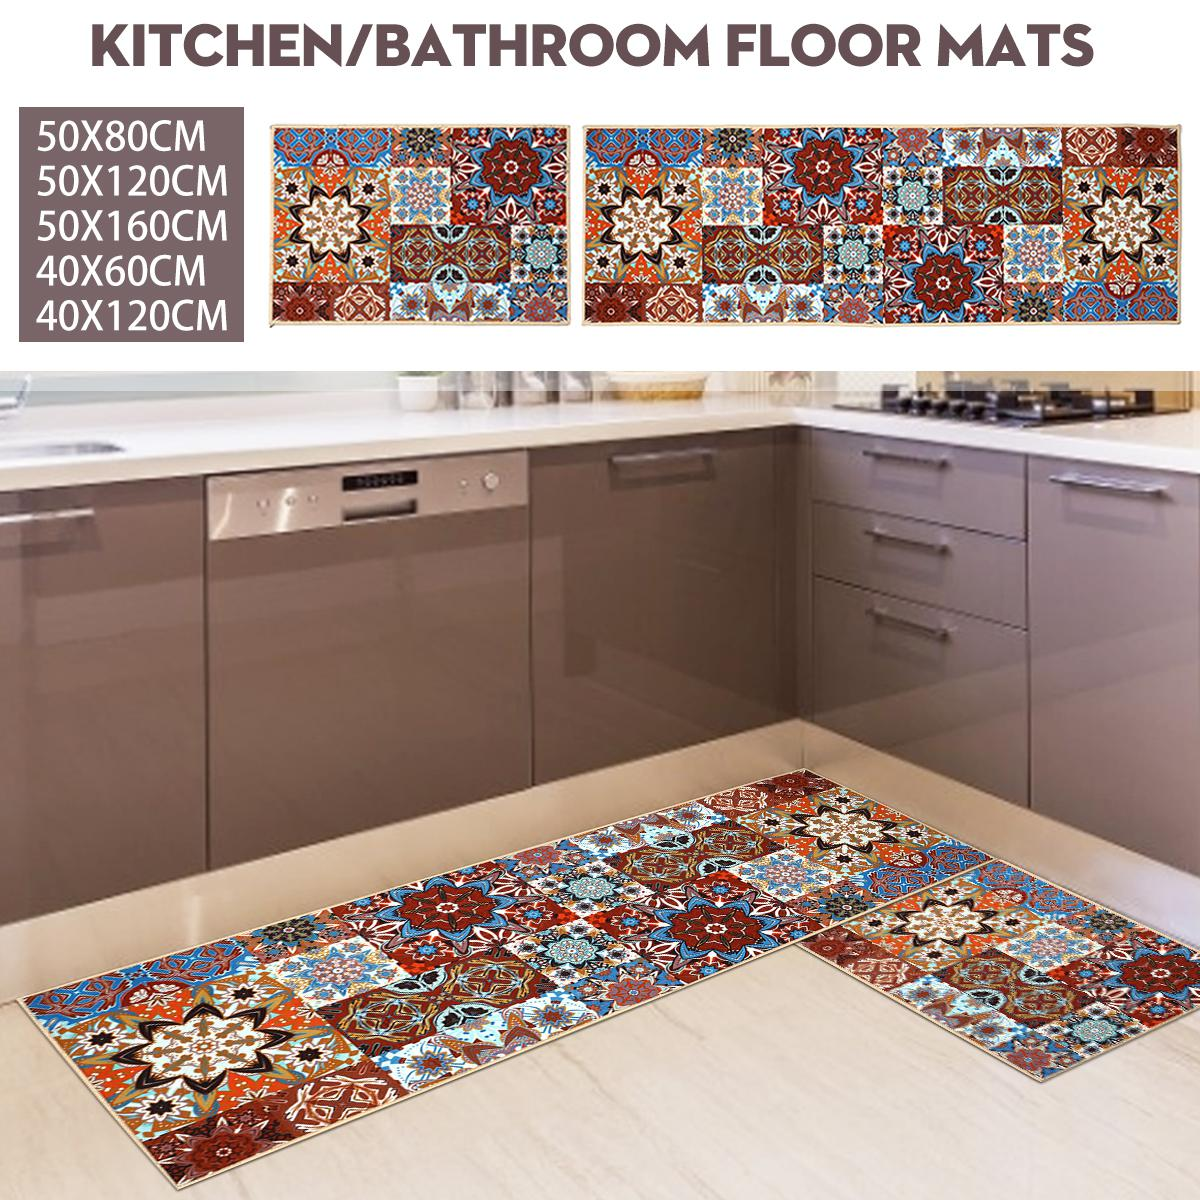 Non Slip Floor Mat Absorbent Door Mat Anti Fouling Long Mat For Kitchen Bathroom 40x120cm Matt Blatt